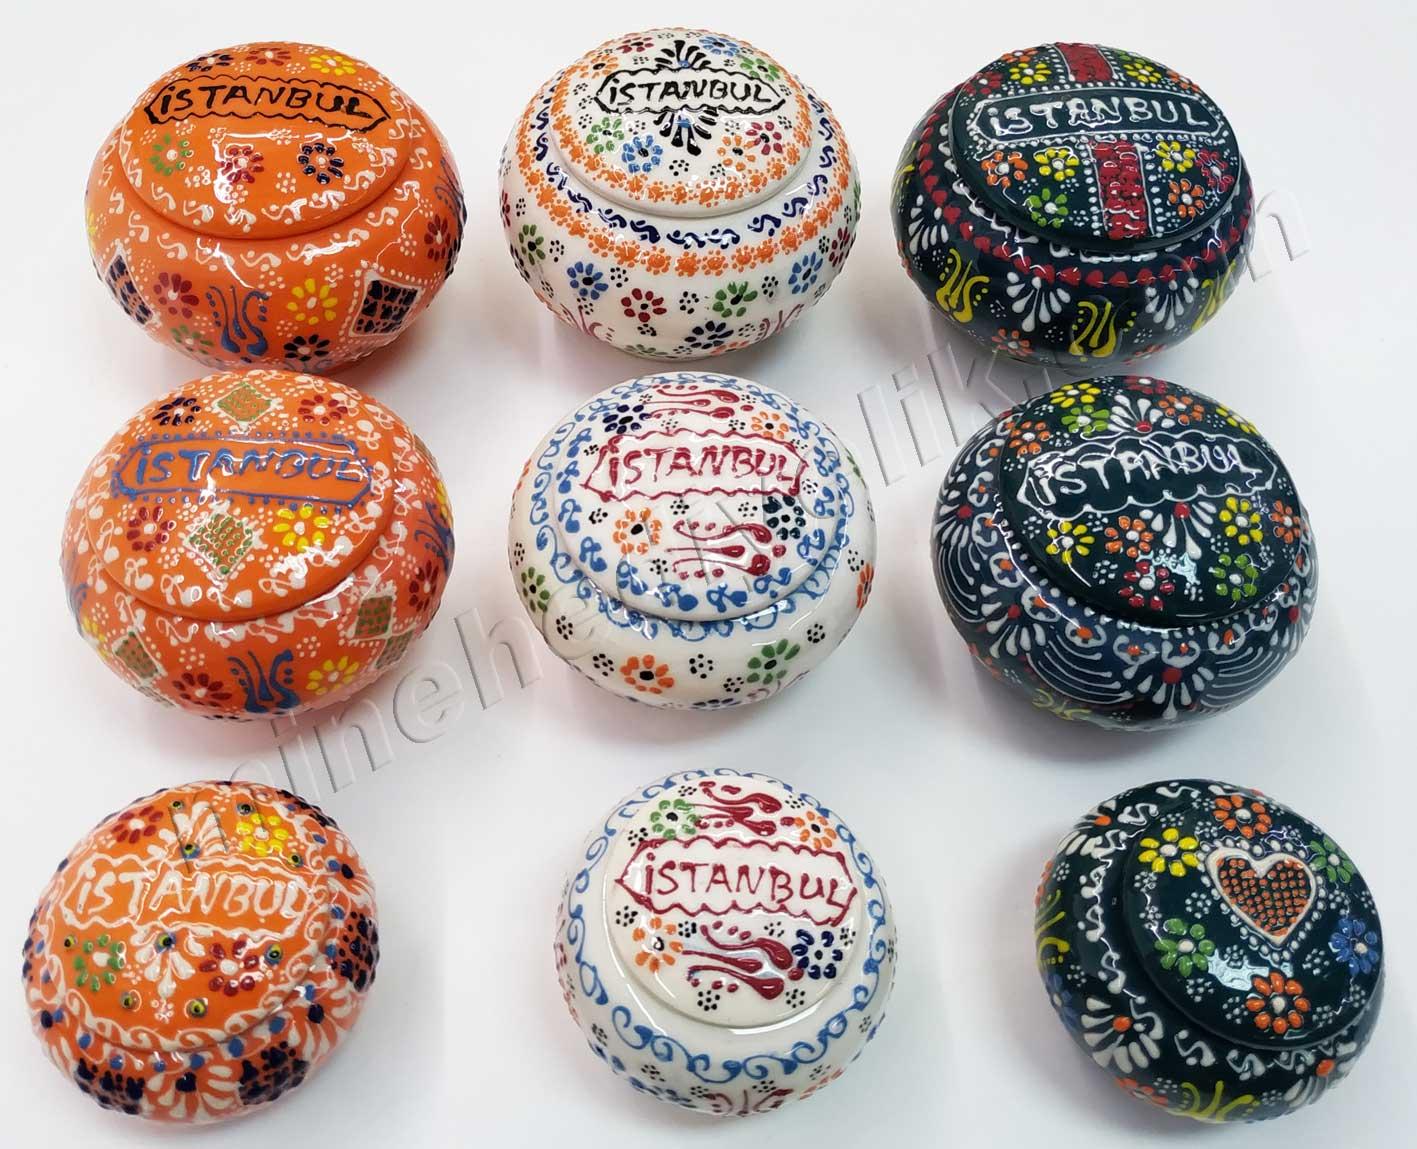 Yöresel ve Geleneksel İstanbul Hatırası Hediyeler el yapımı çini seramik lokumluklar el işi küçük hediyelikler